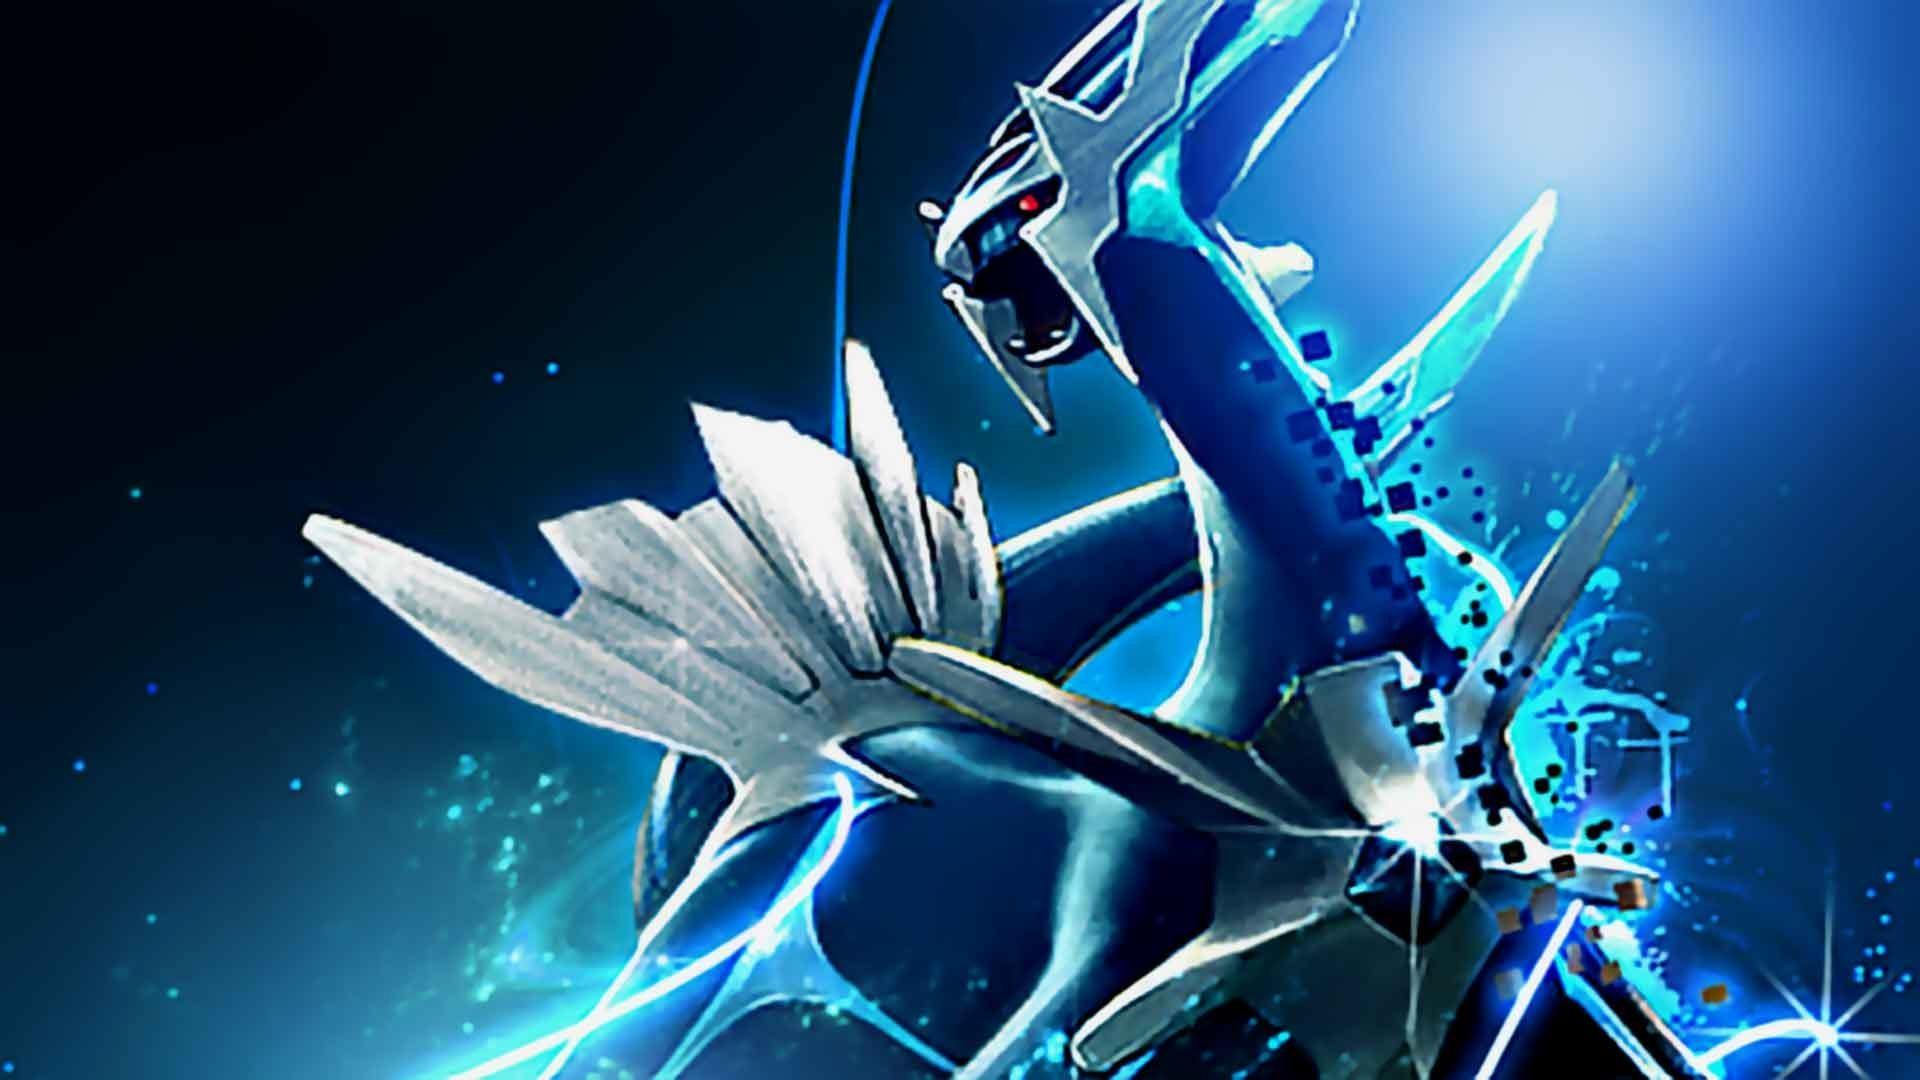 … epic pokemon wallpaper hd …